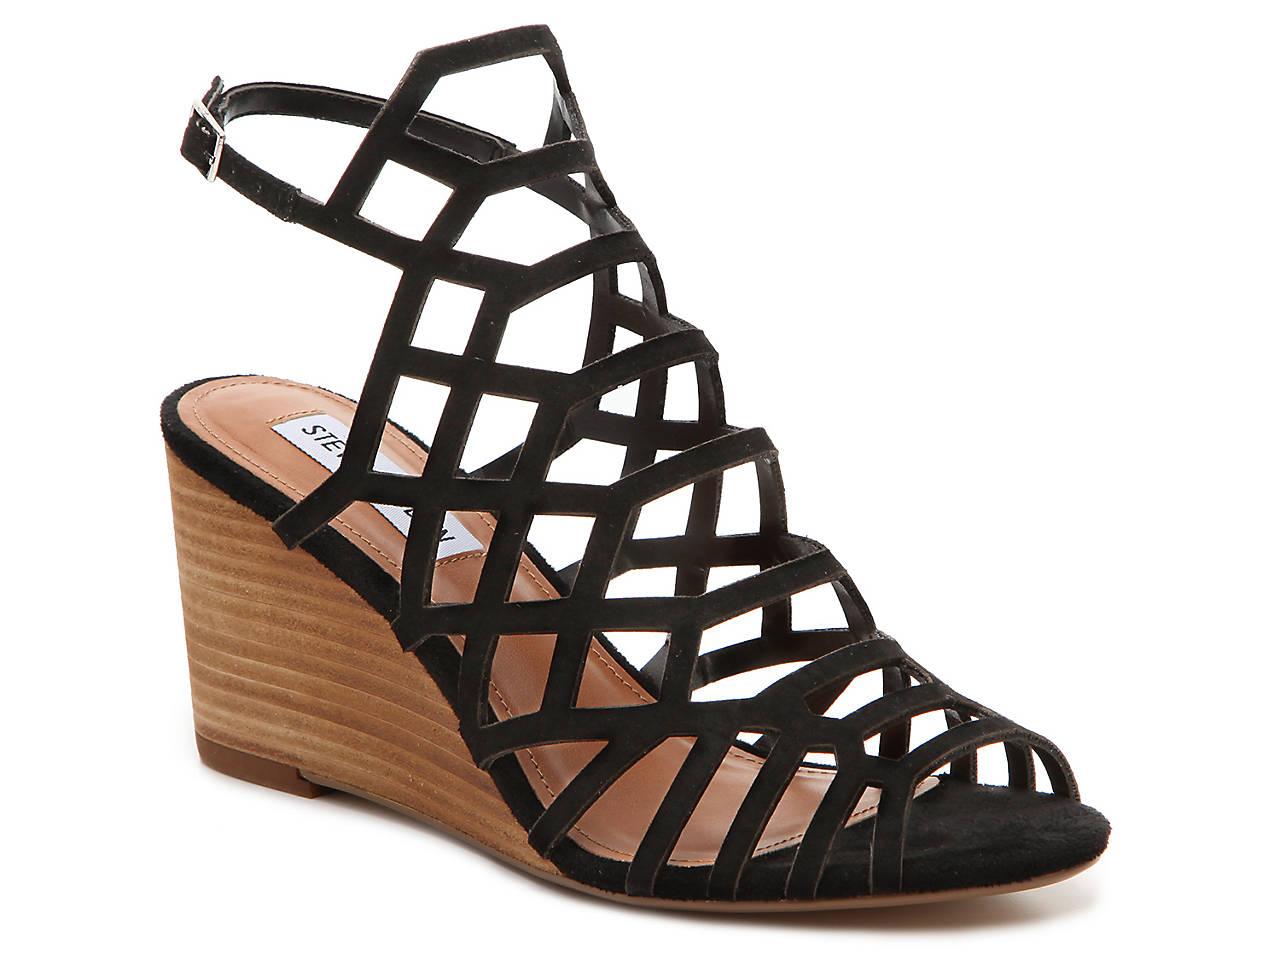 e4242d1c9d1 Steve Madden Caileen Wedge Sandal Men s Shoes